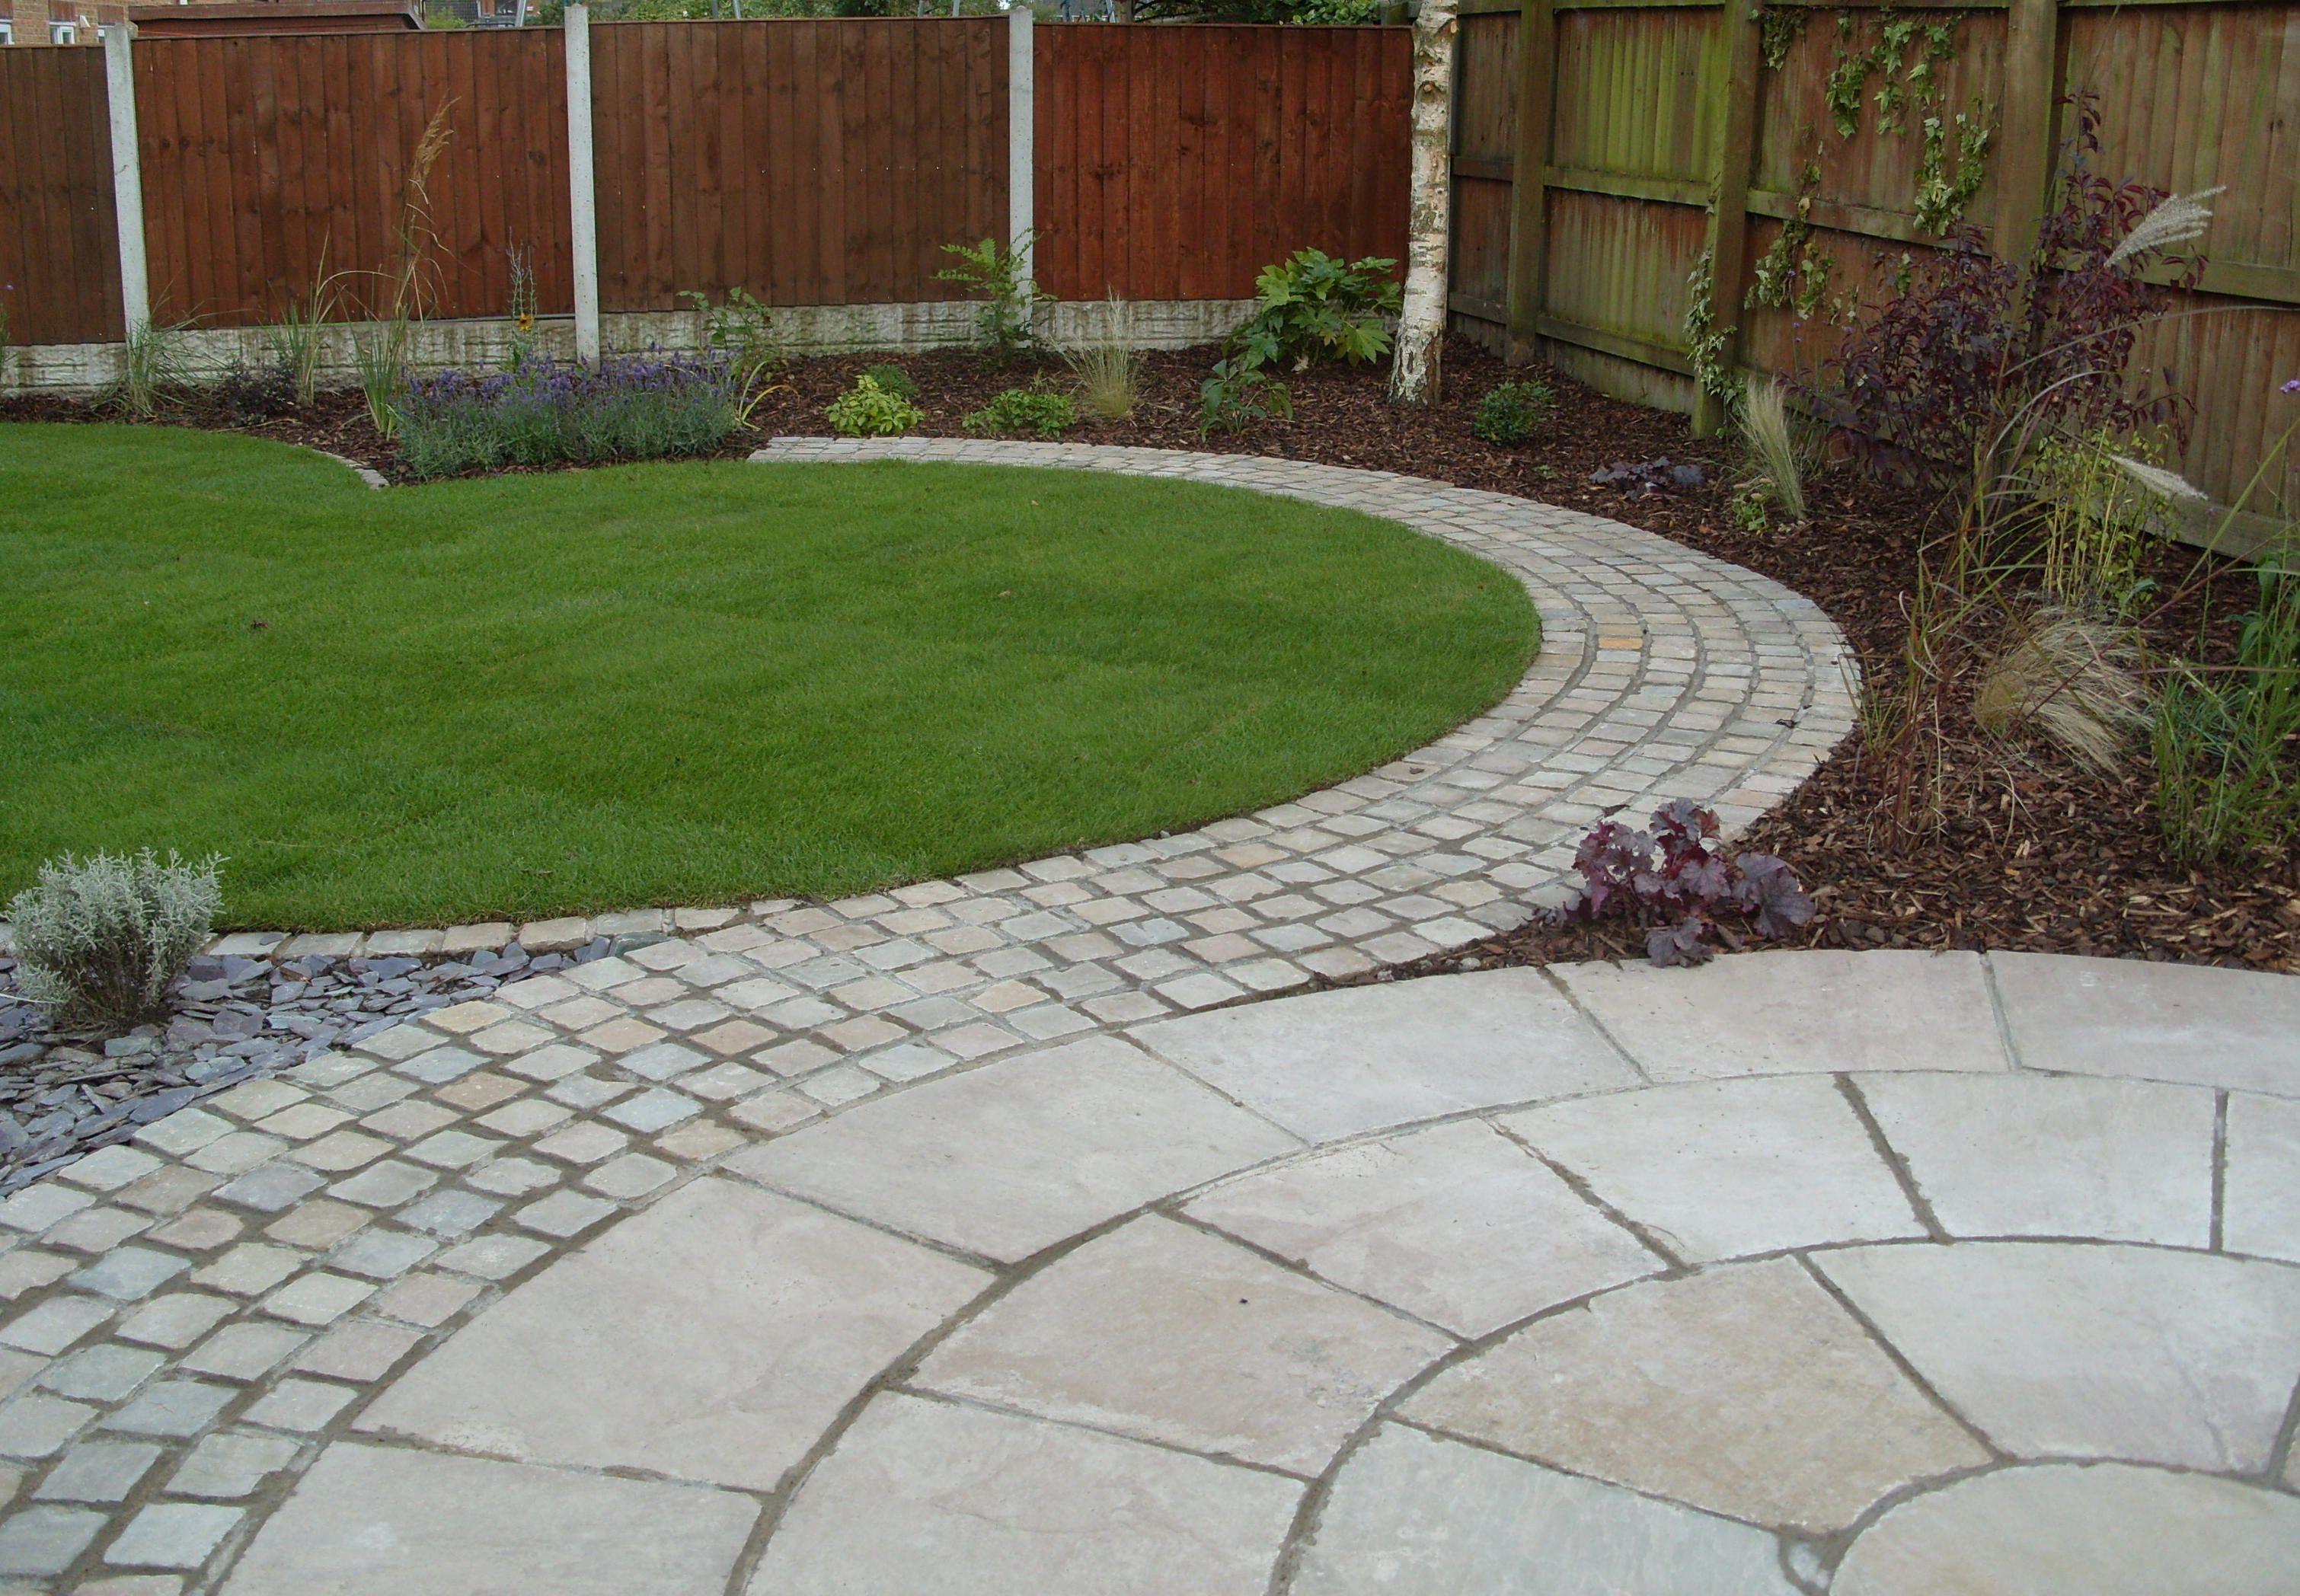 Garden Ideas Garden Design Patio With Wooden Pattern Fence And Round Concrete Tiles Paver Patio Garden Design Diy Patio Pavers